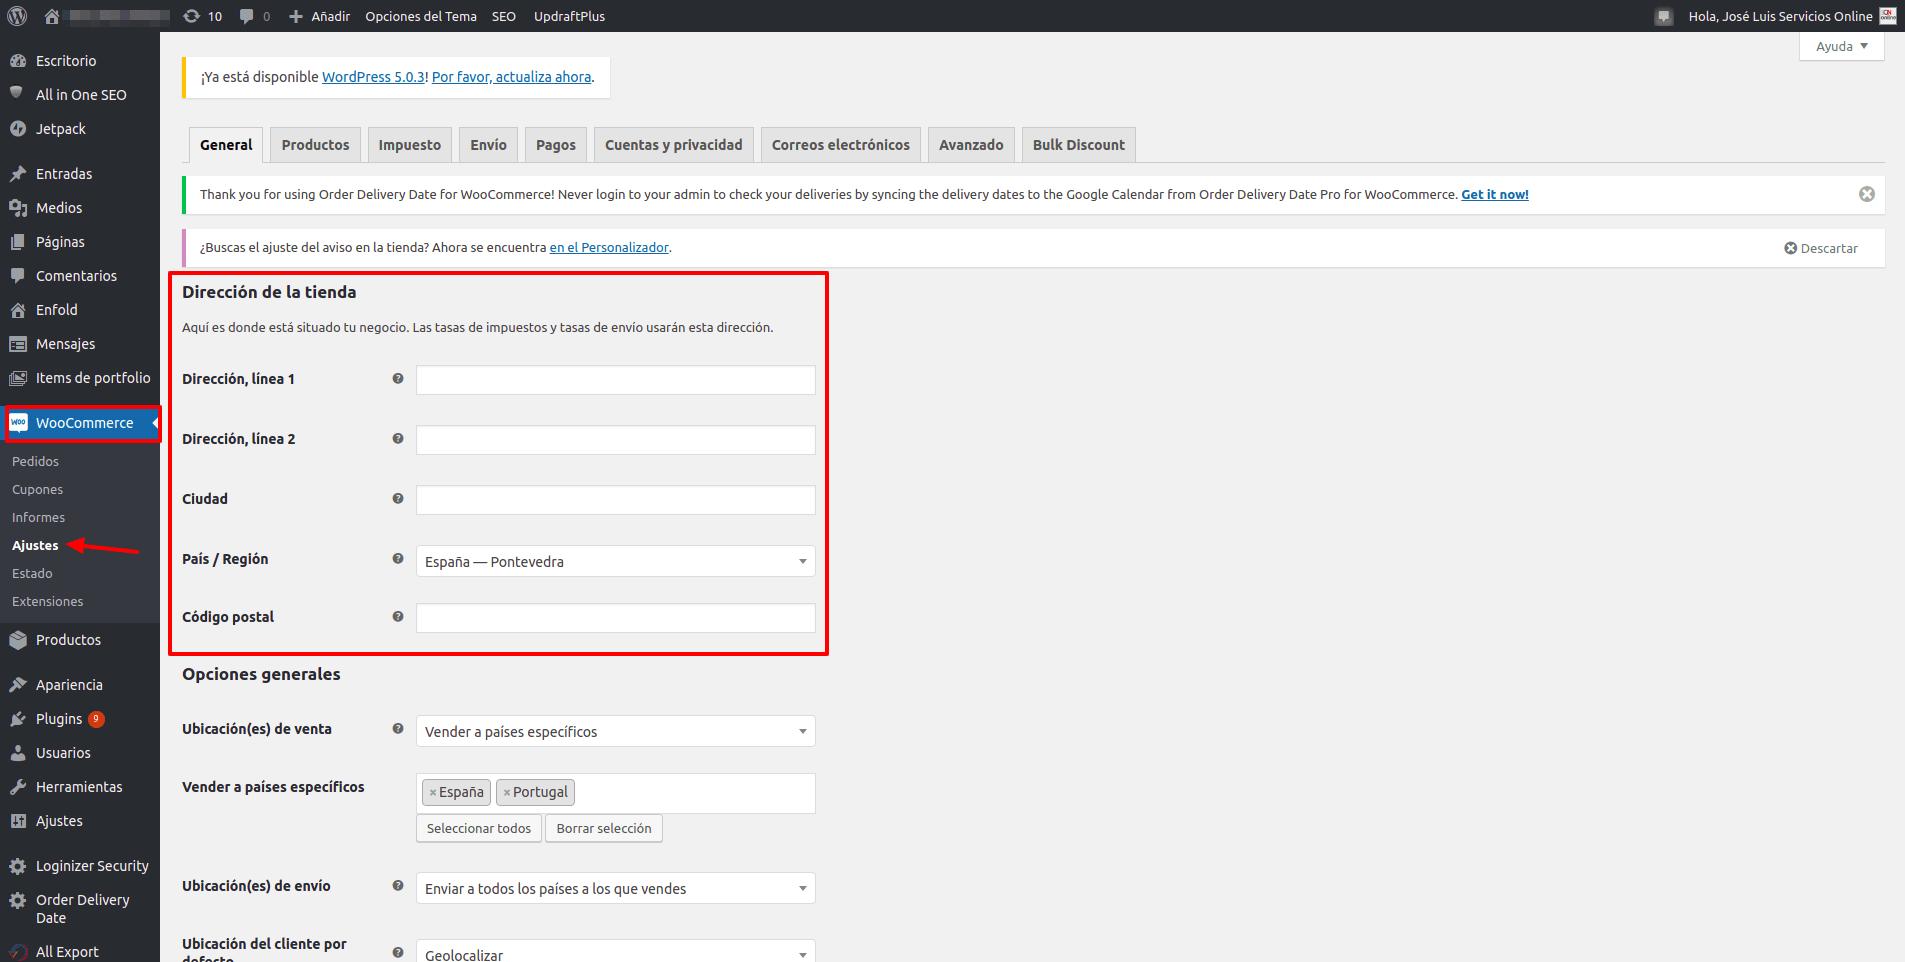 WordPress WooCommerce - direccion de la tienda - servicios.io